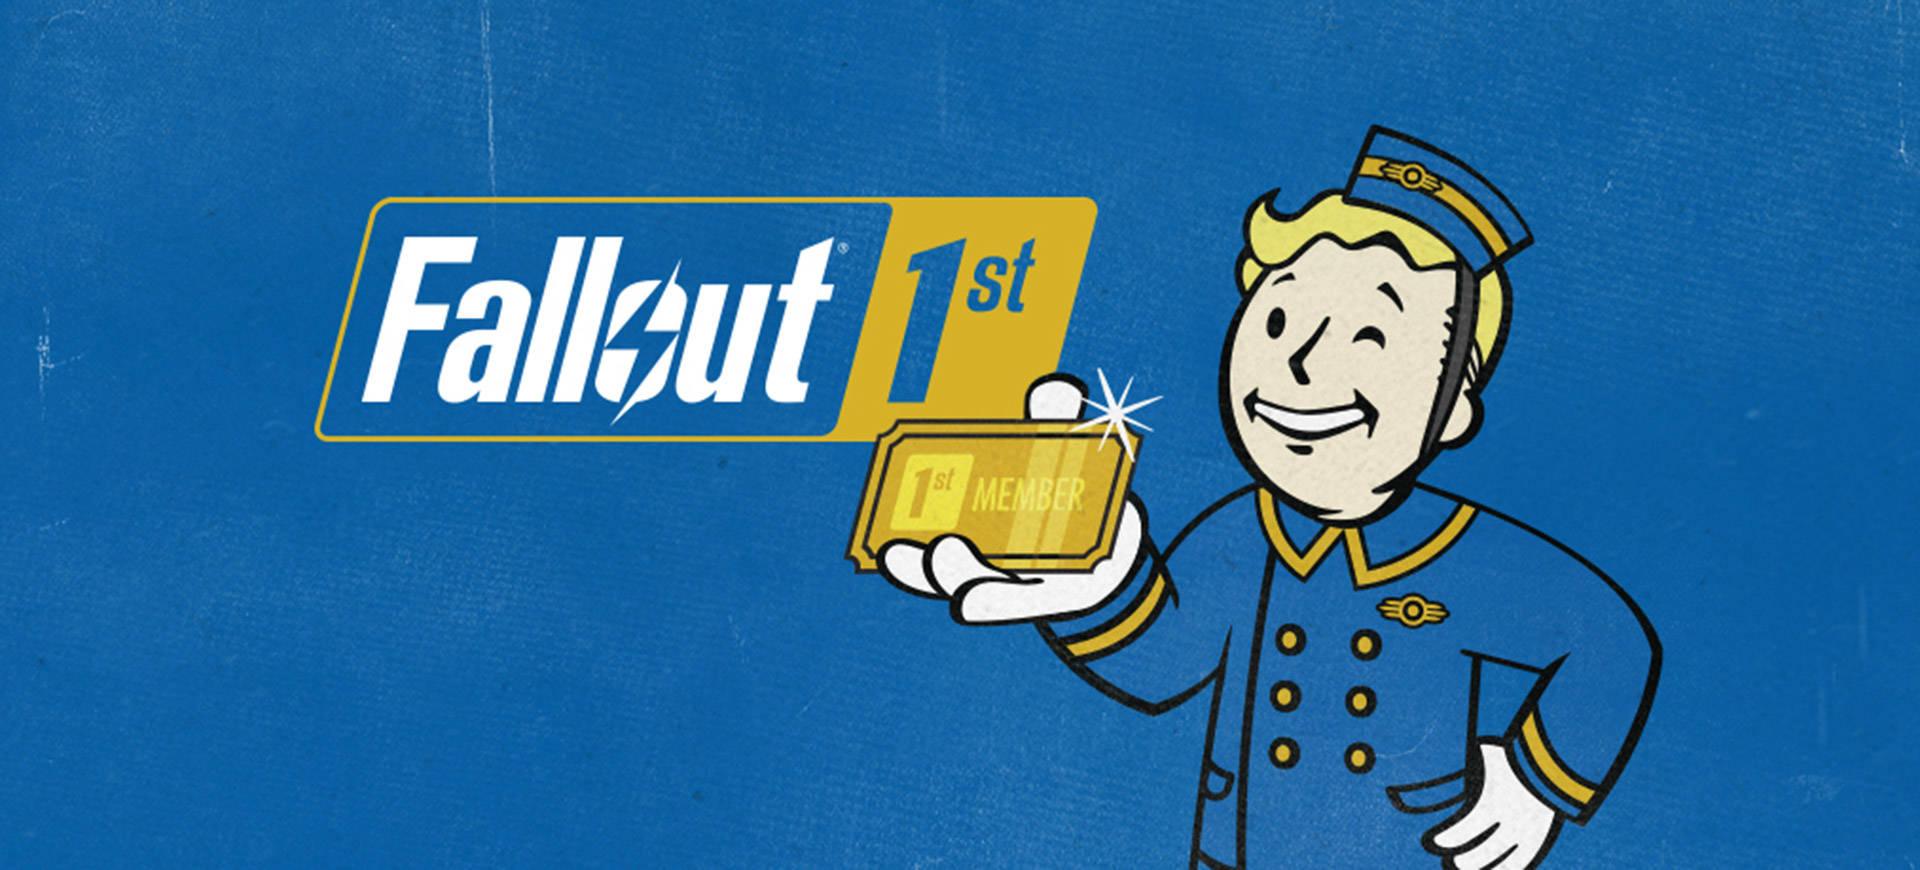 Hori ez da benetan gertatzen.  Hemen Fallout 76 harpidetza gehigarriarekin ... PLN 500 urtean